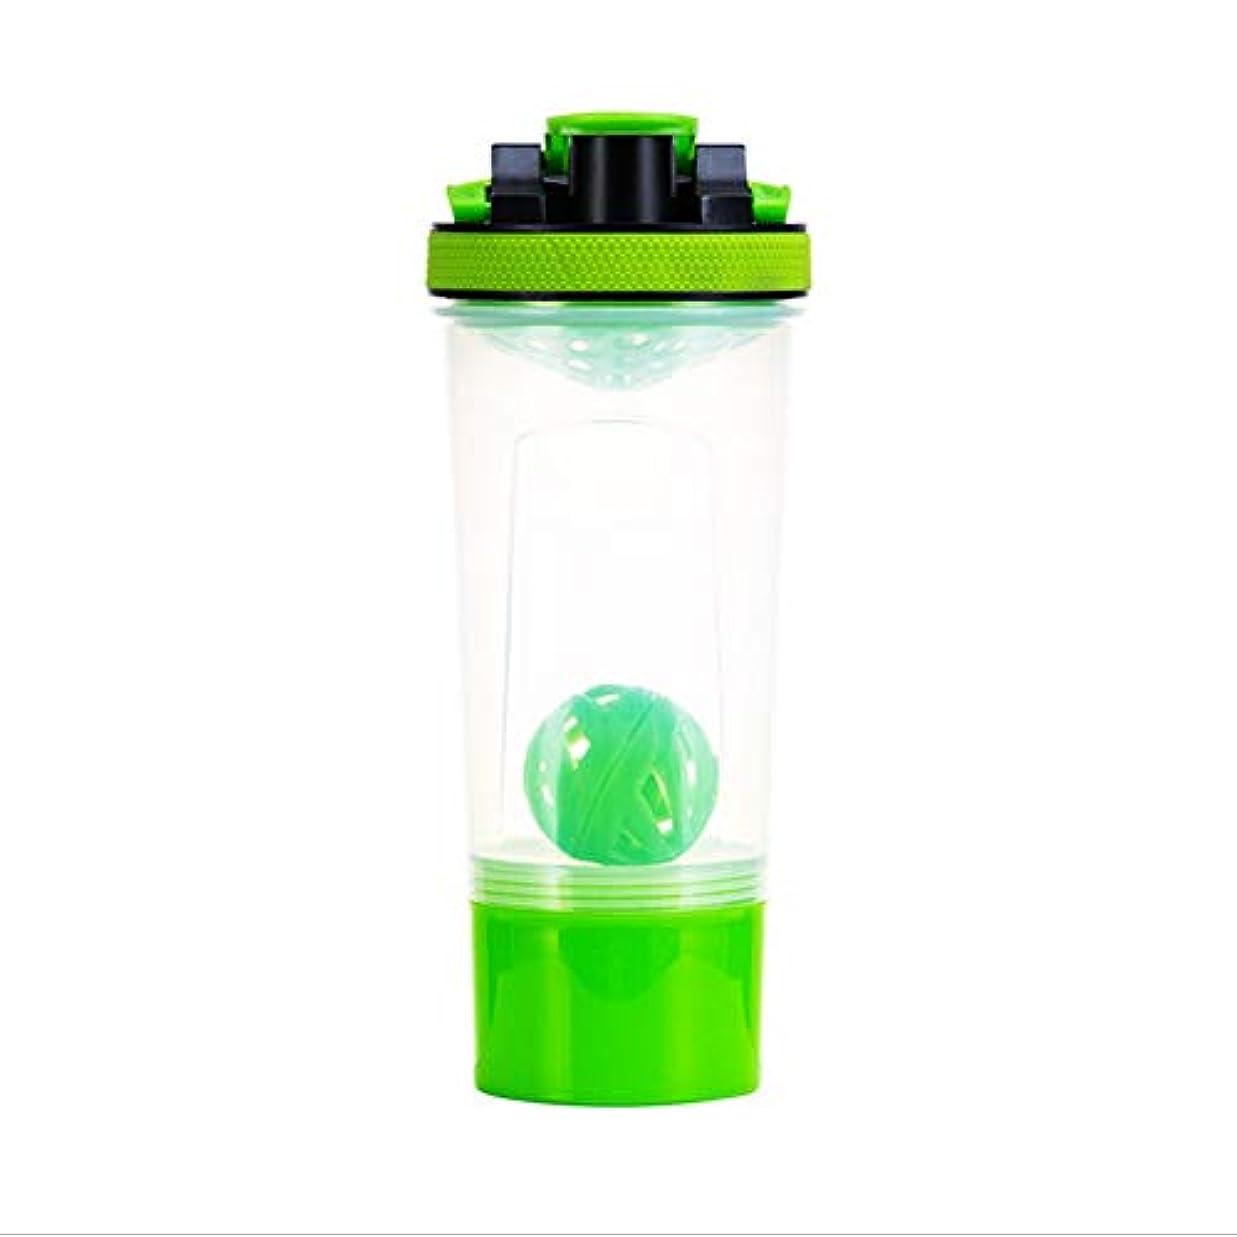 バング懐ニュージーランドSevenAndEight プロテインシェイカー シェーカーボトル タンパク質粉末シェーカーカップ フィットネス用 プラスチック 目盛り ジム ダイエット スポーツ